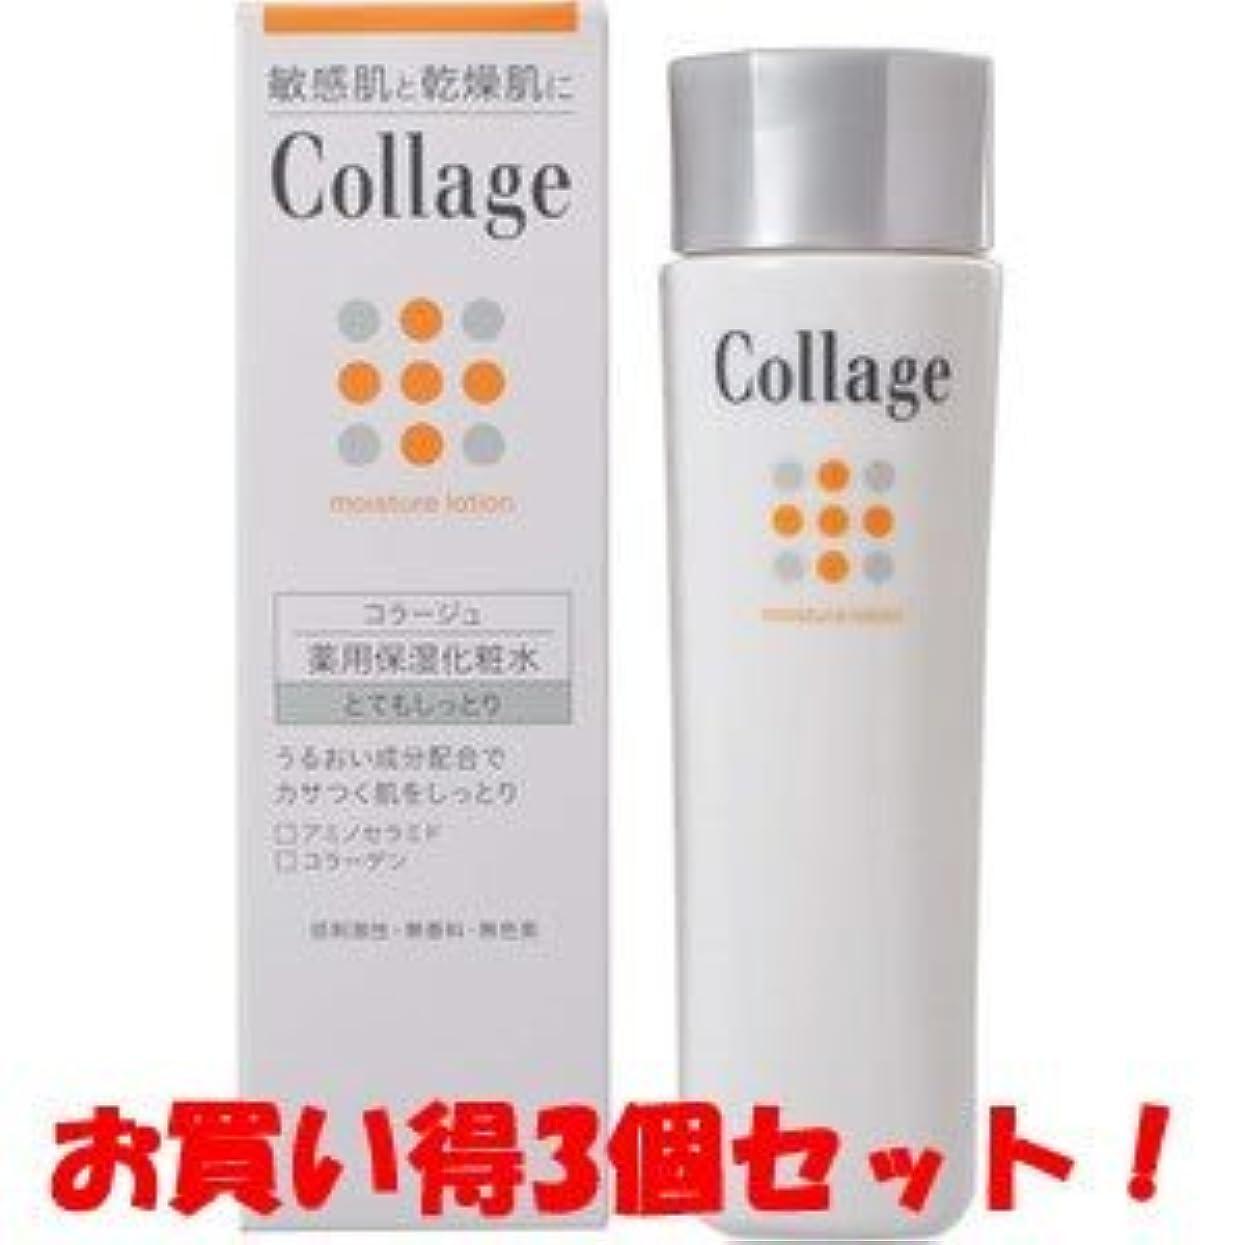 帳面社会科絶え間ない(持田ヘルスケア)コラージュ 薬用保湿化粧水 とてもしっとり 120ml(医薬部外品)(お買い得3個セット)